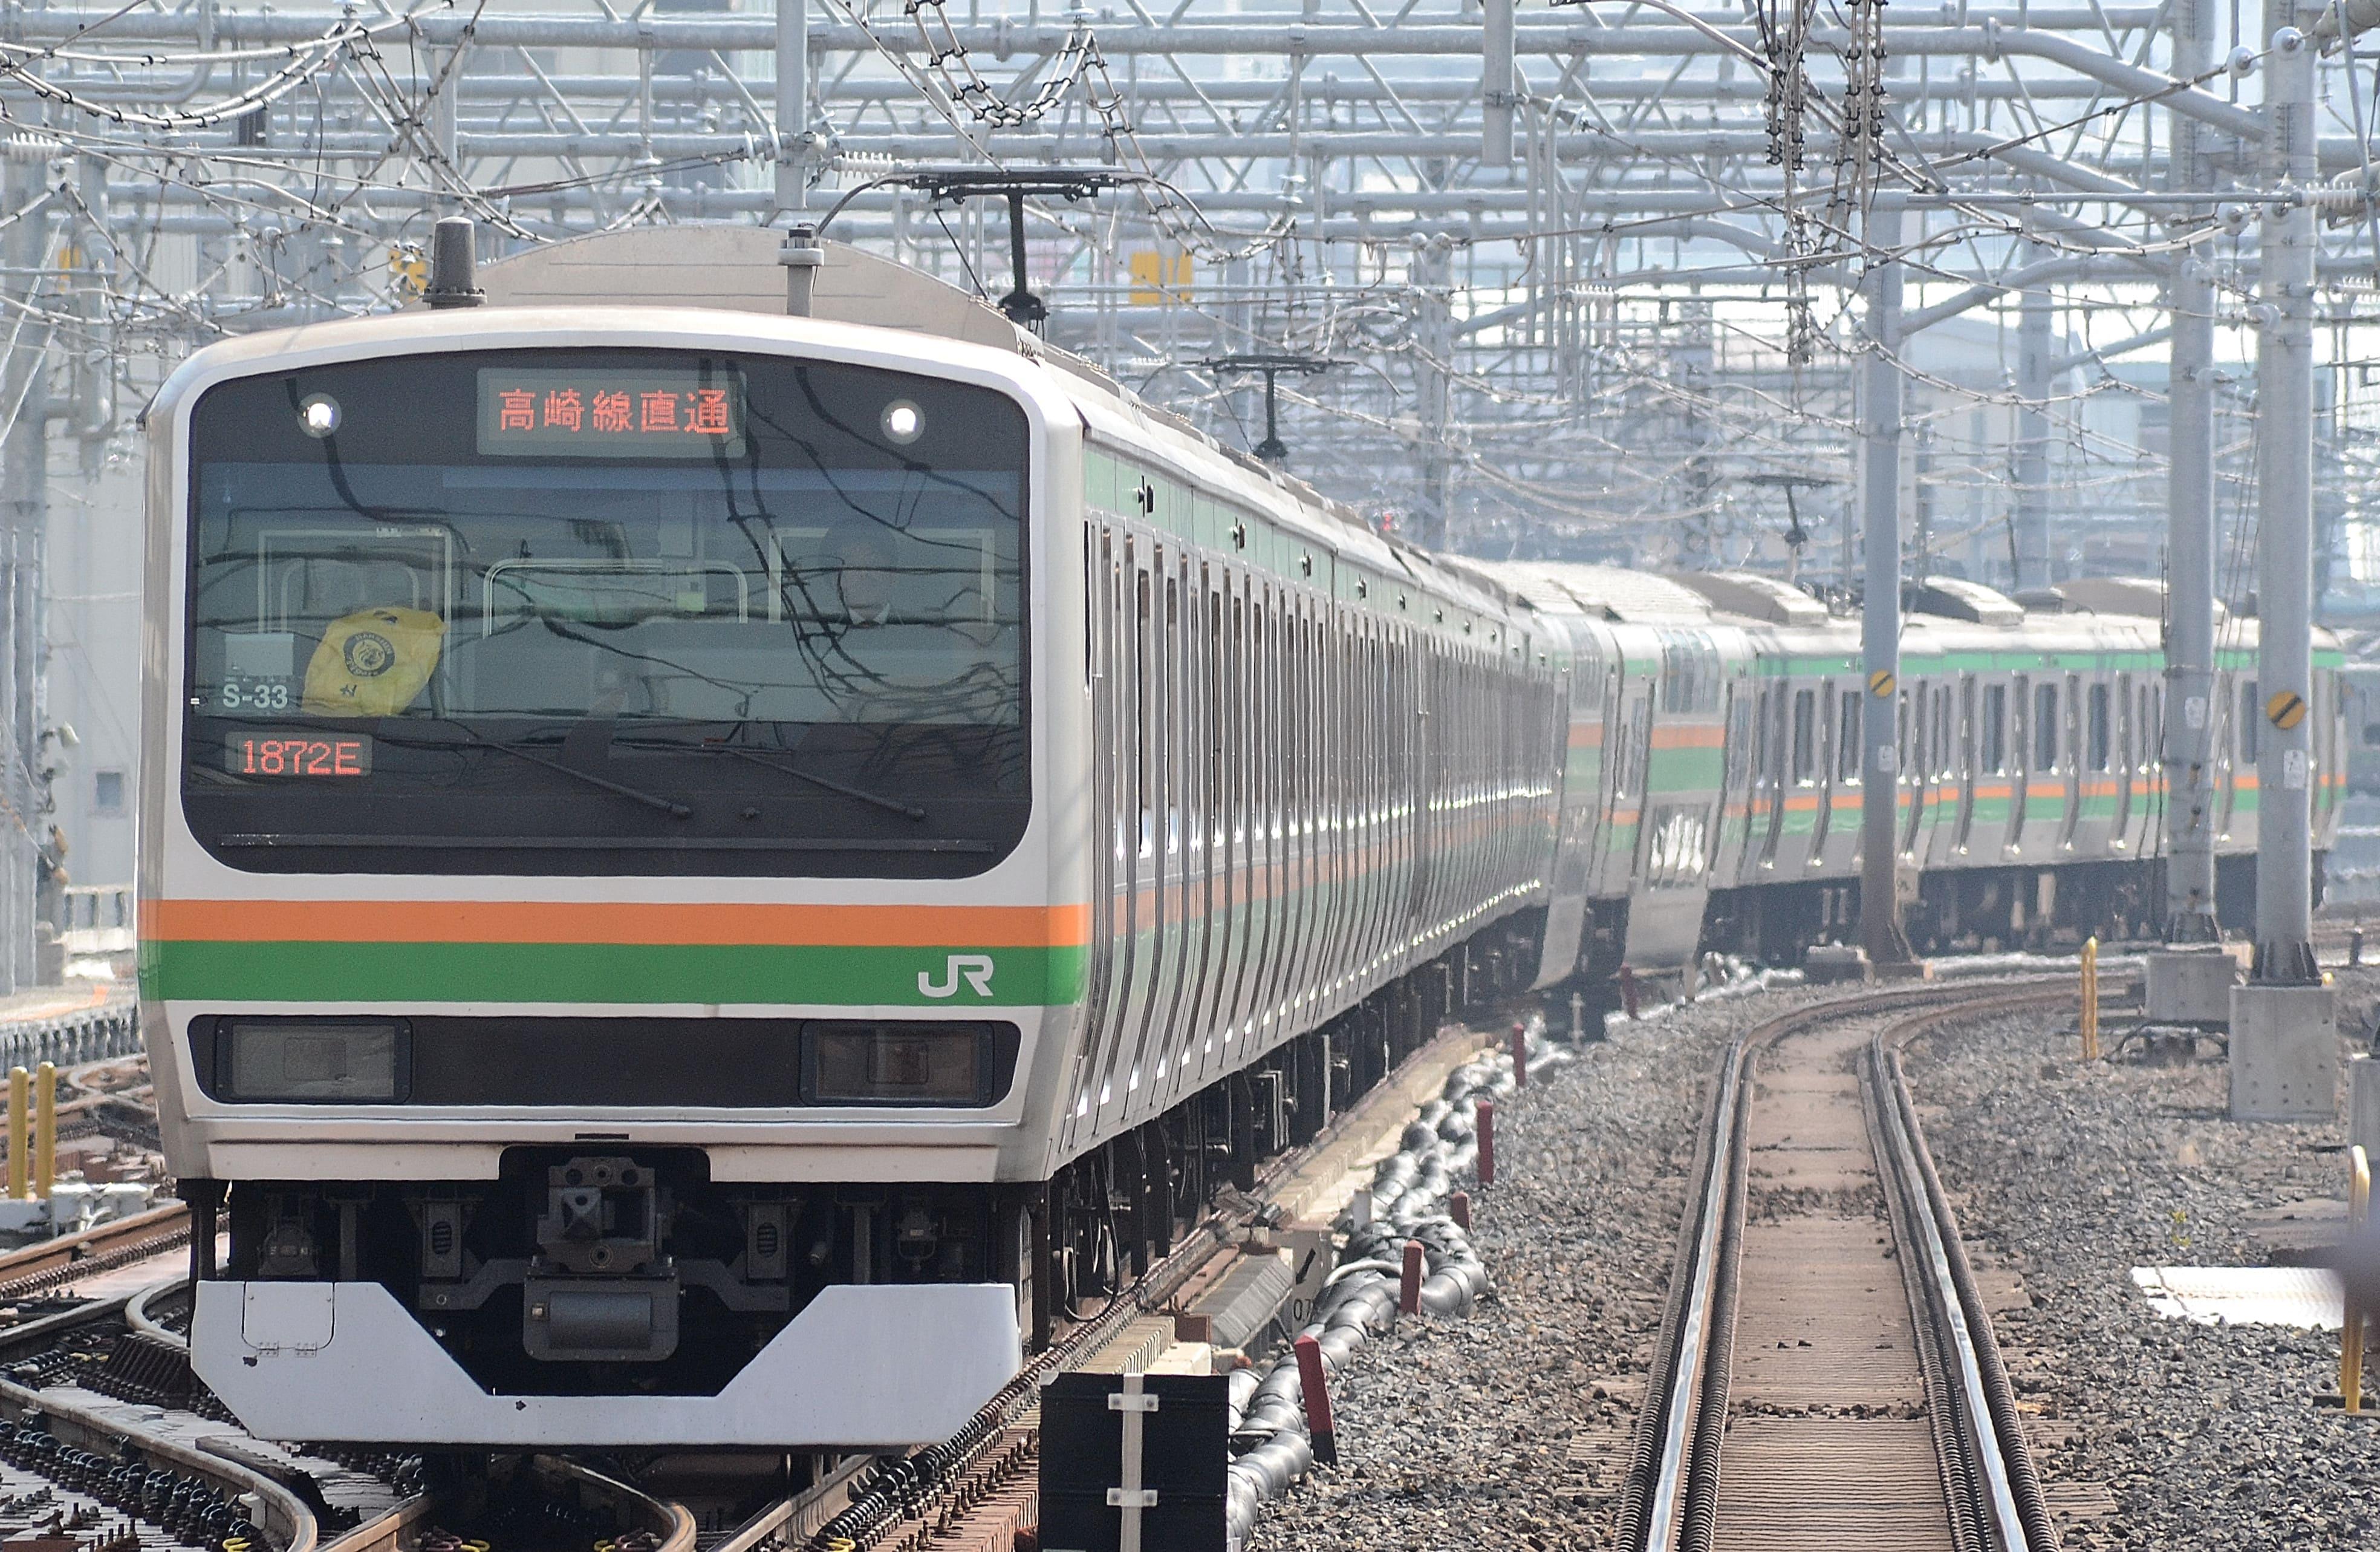 Ueno tokyo line E231 min - 青春18きっぷや北海道&東日本パスで東京~青森を乗り継ぐには?